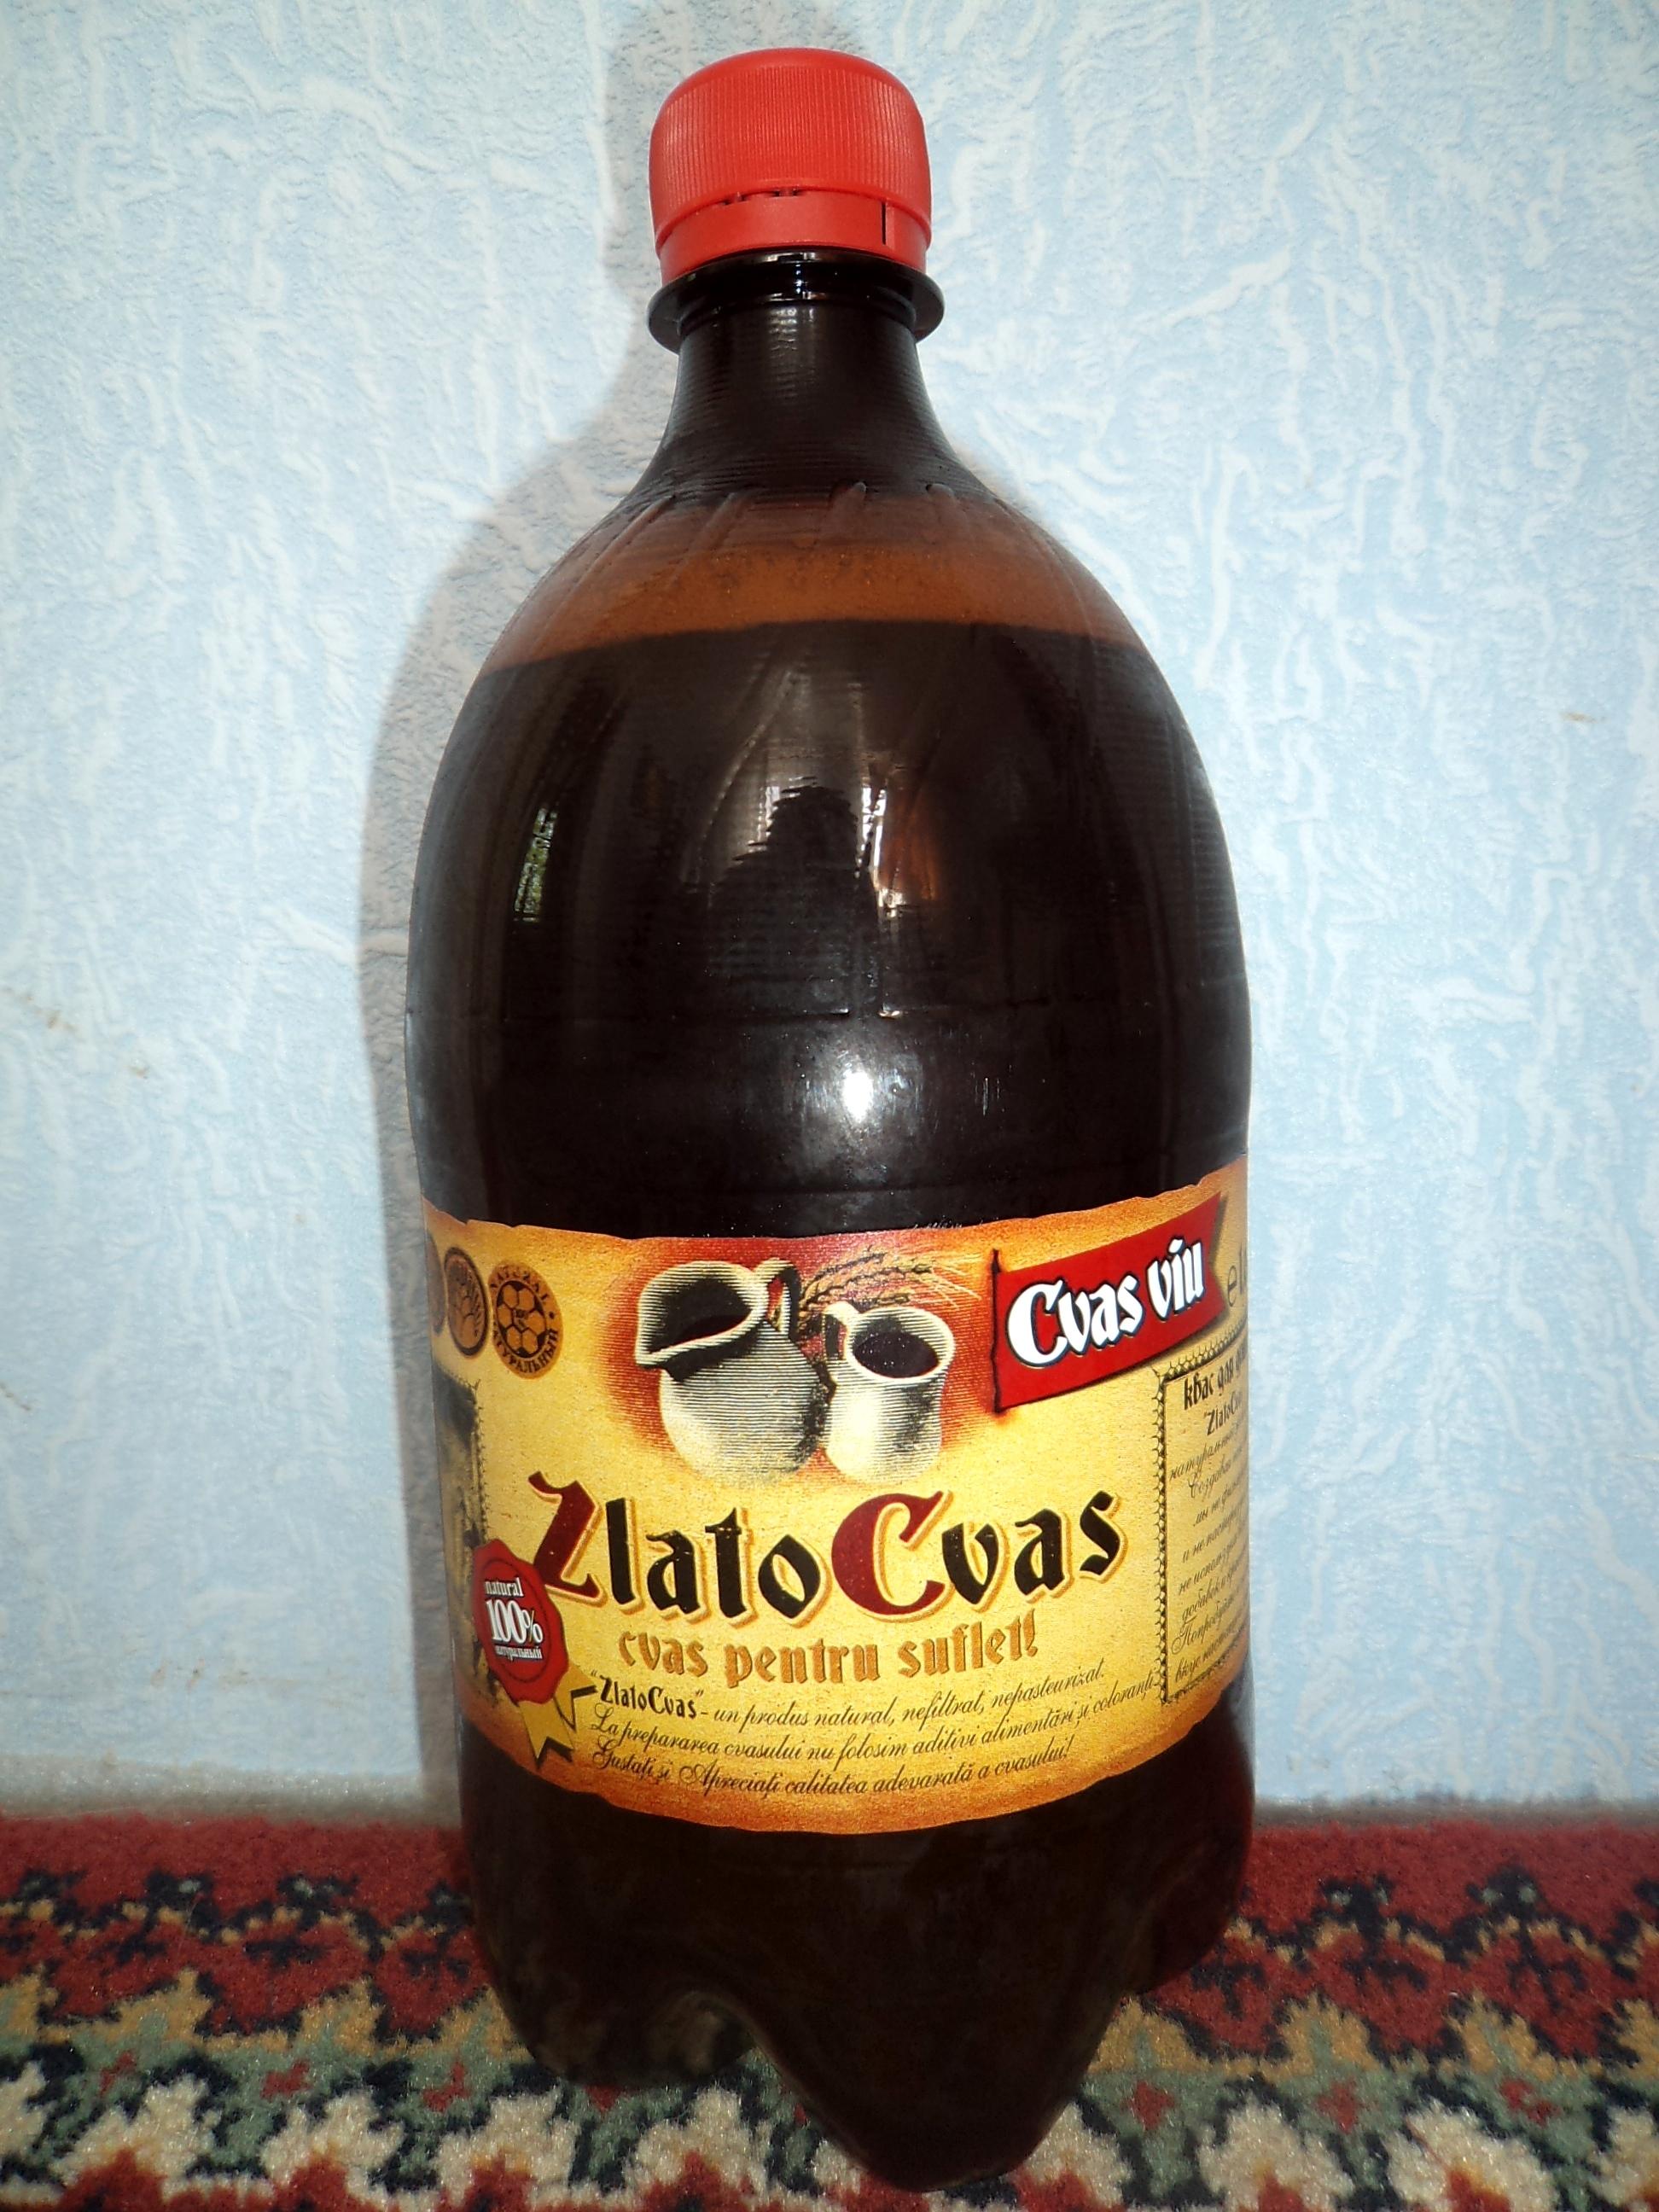 ZLATO-cvas